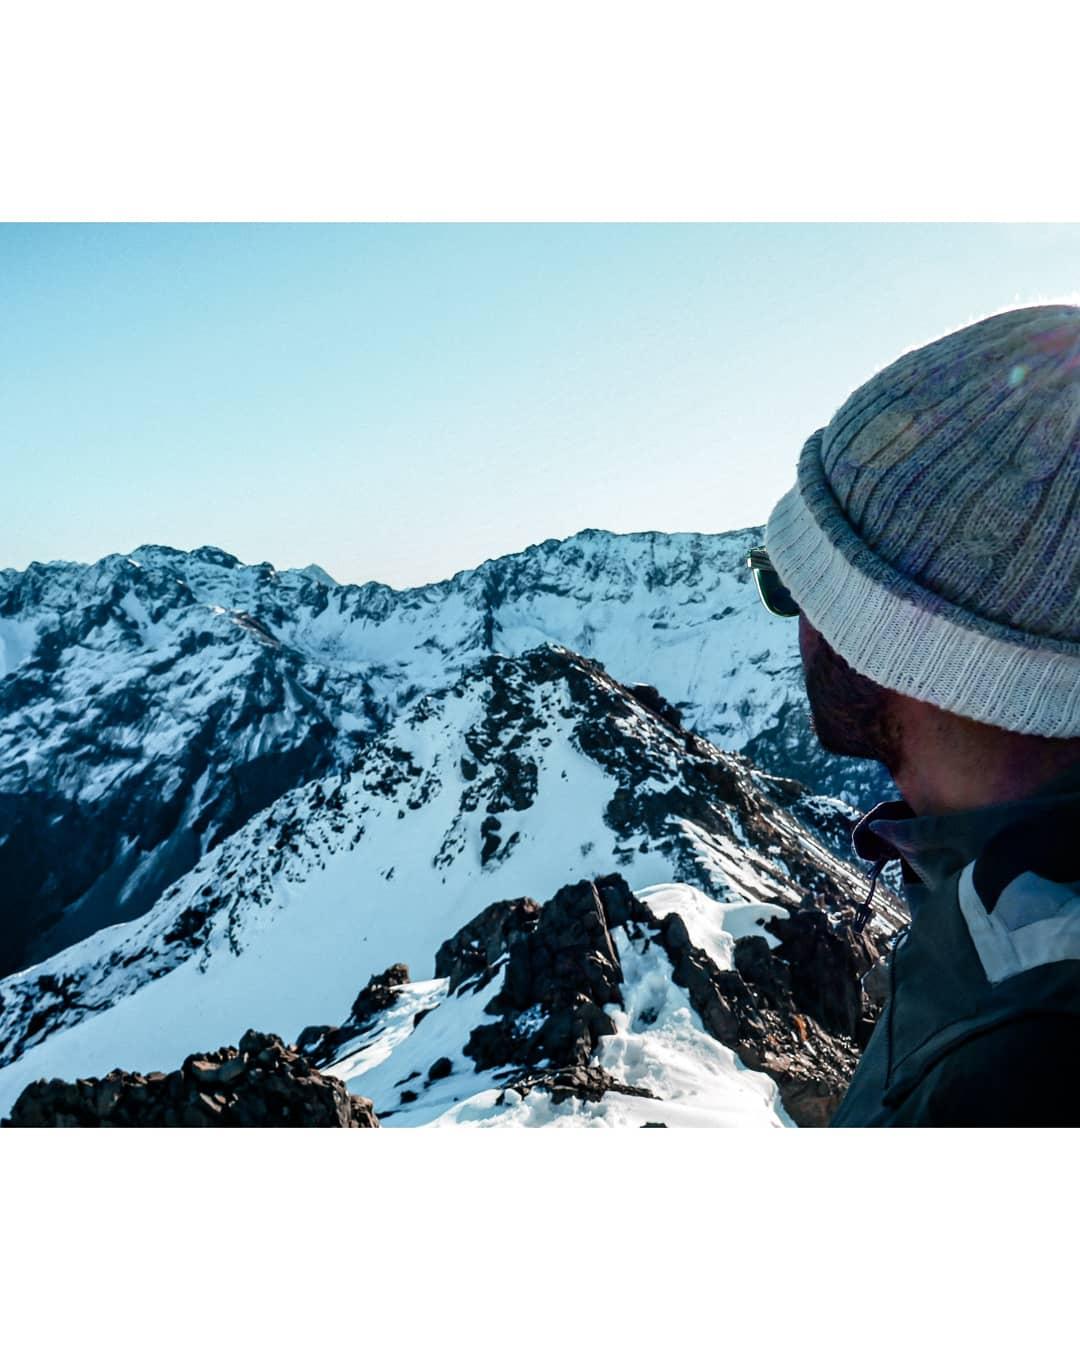 vue depuis le sommet de avalanche peak